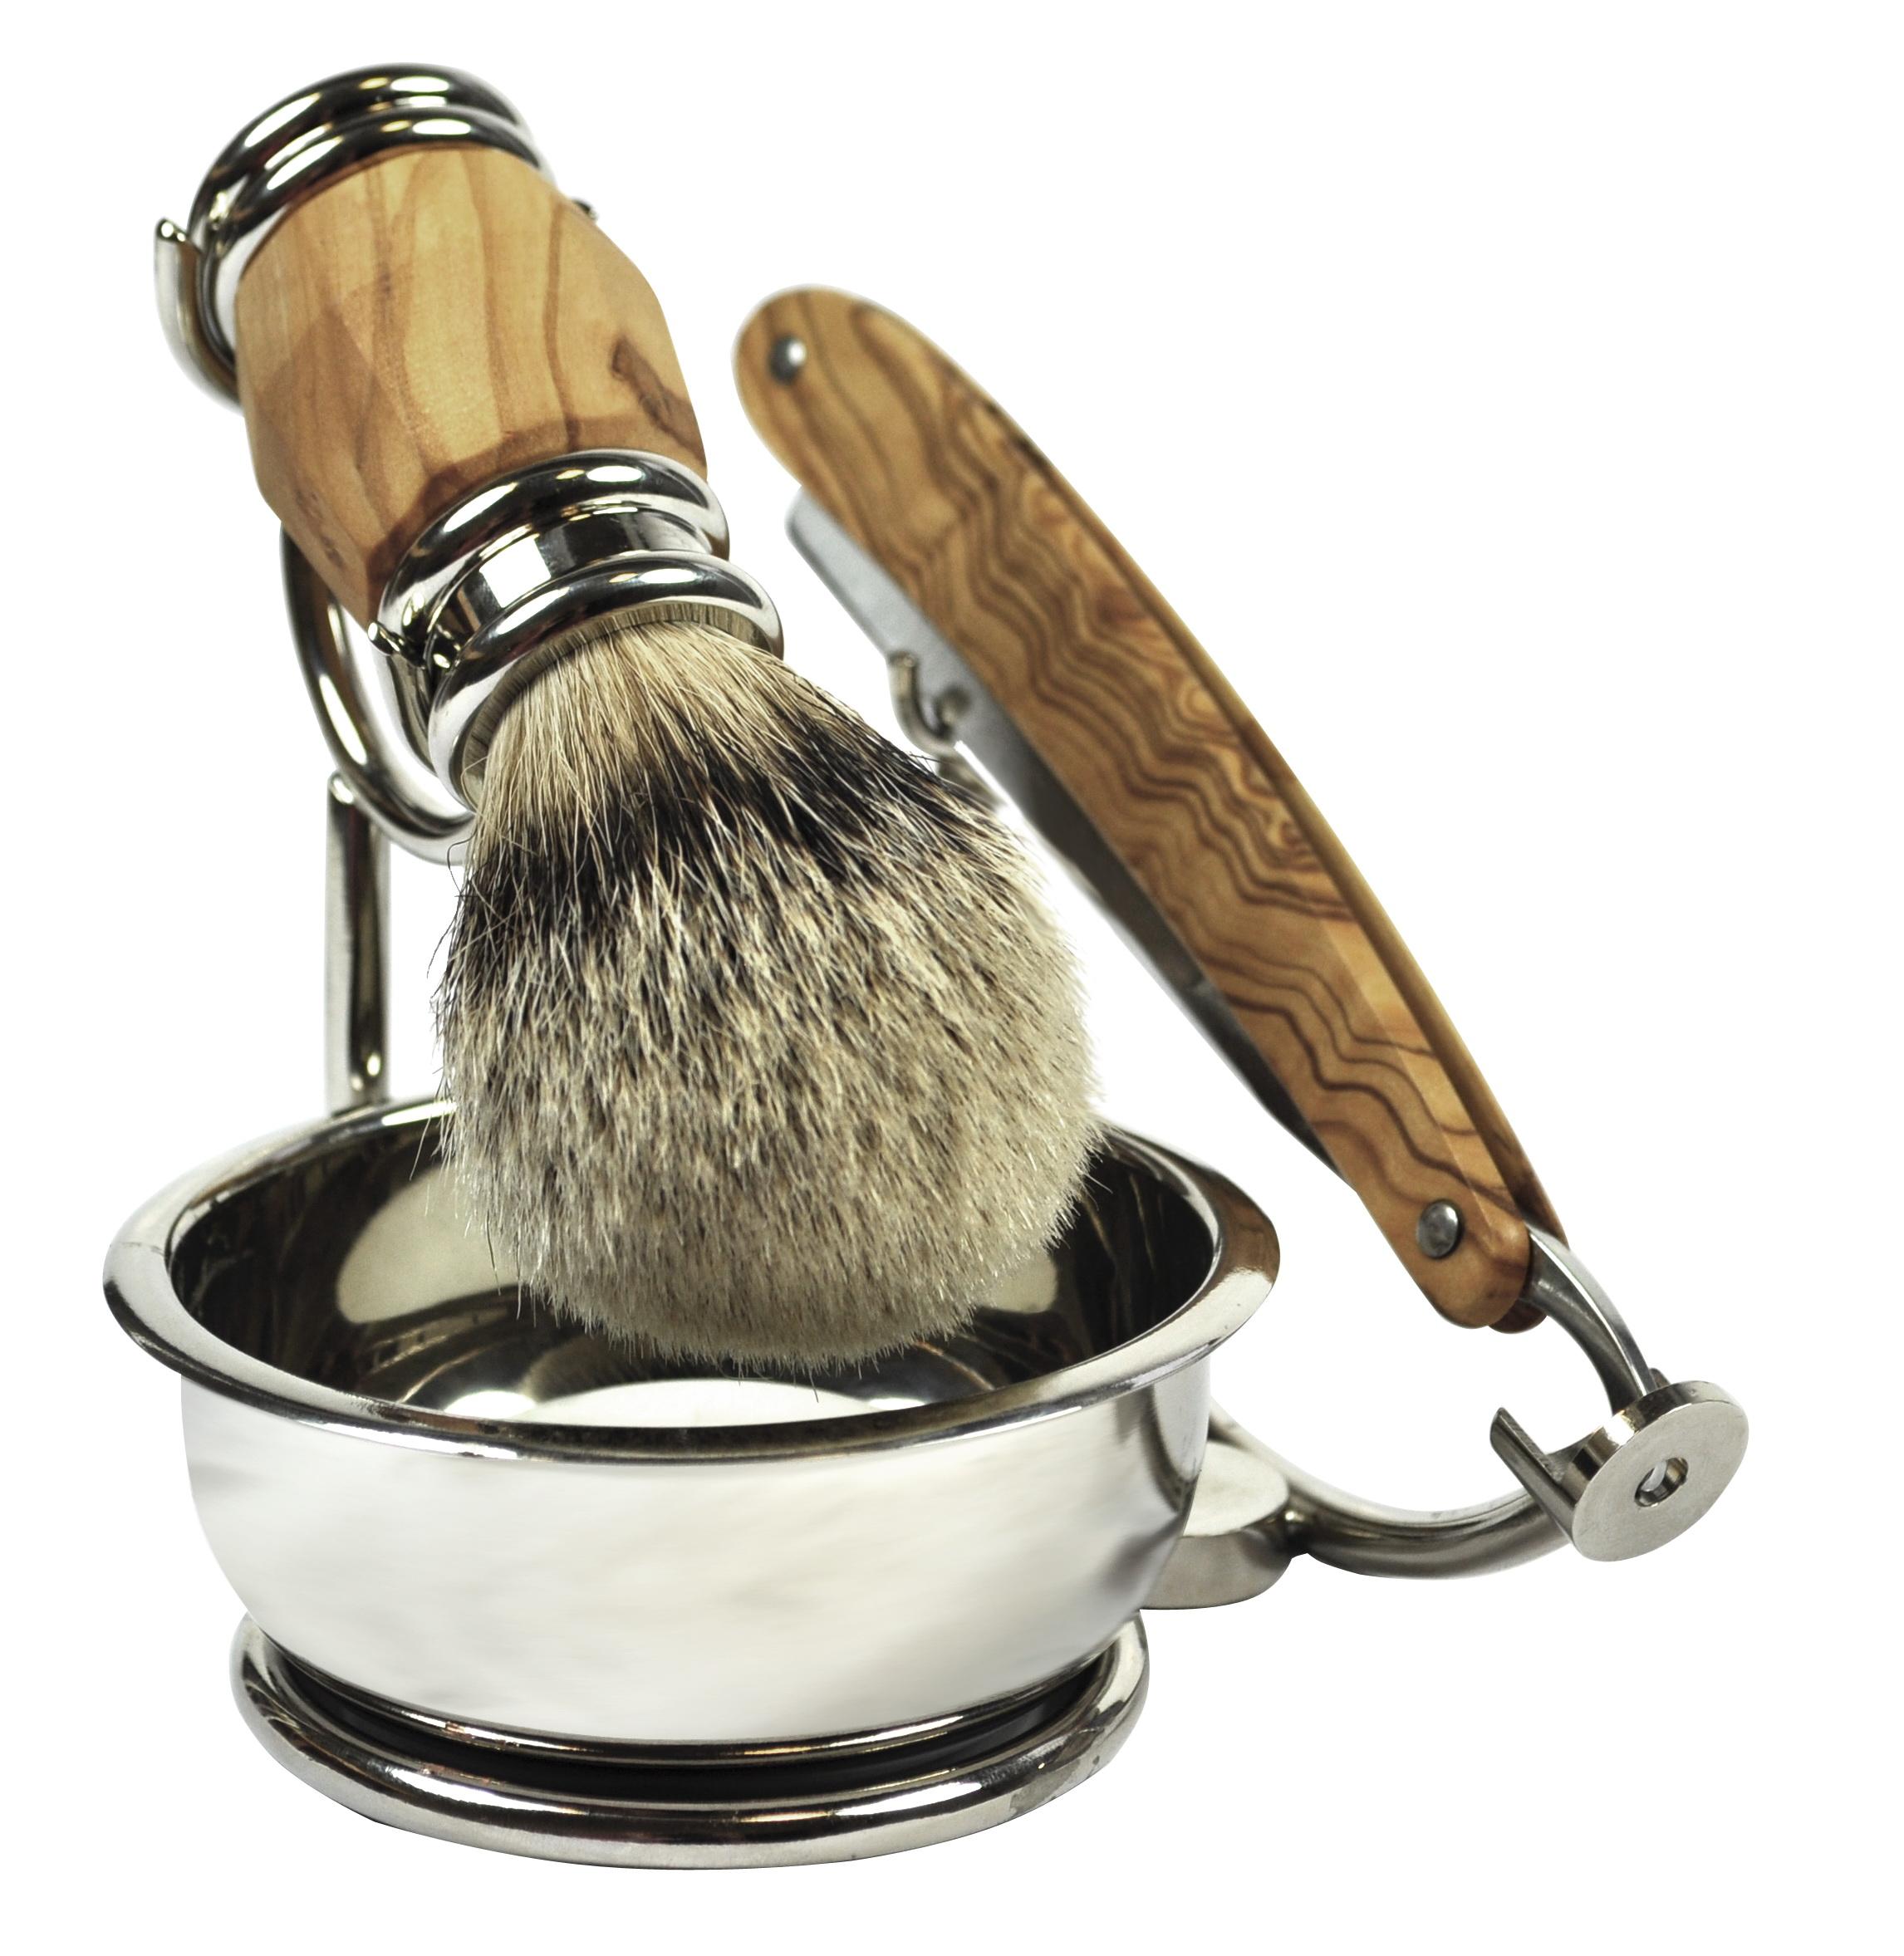 Golddachs Rasiermesserset Olivenholz mit Seifenschale